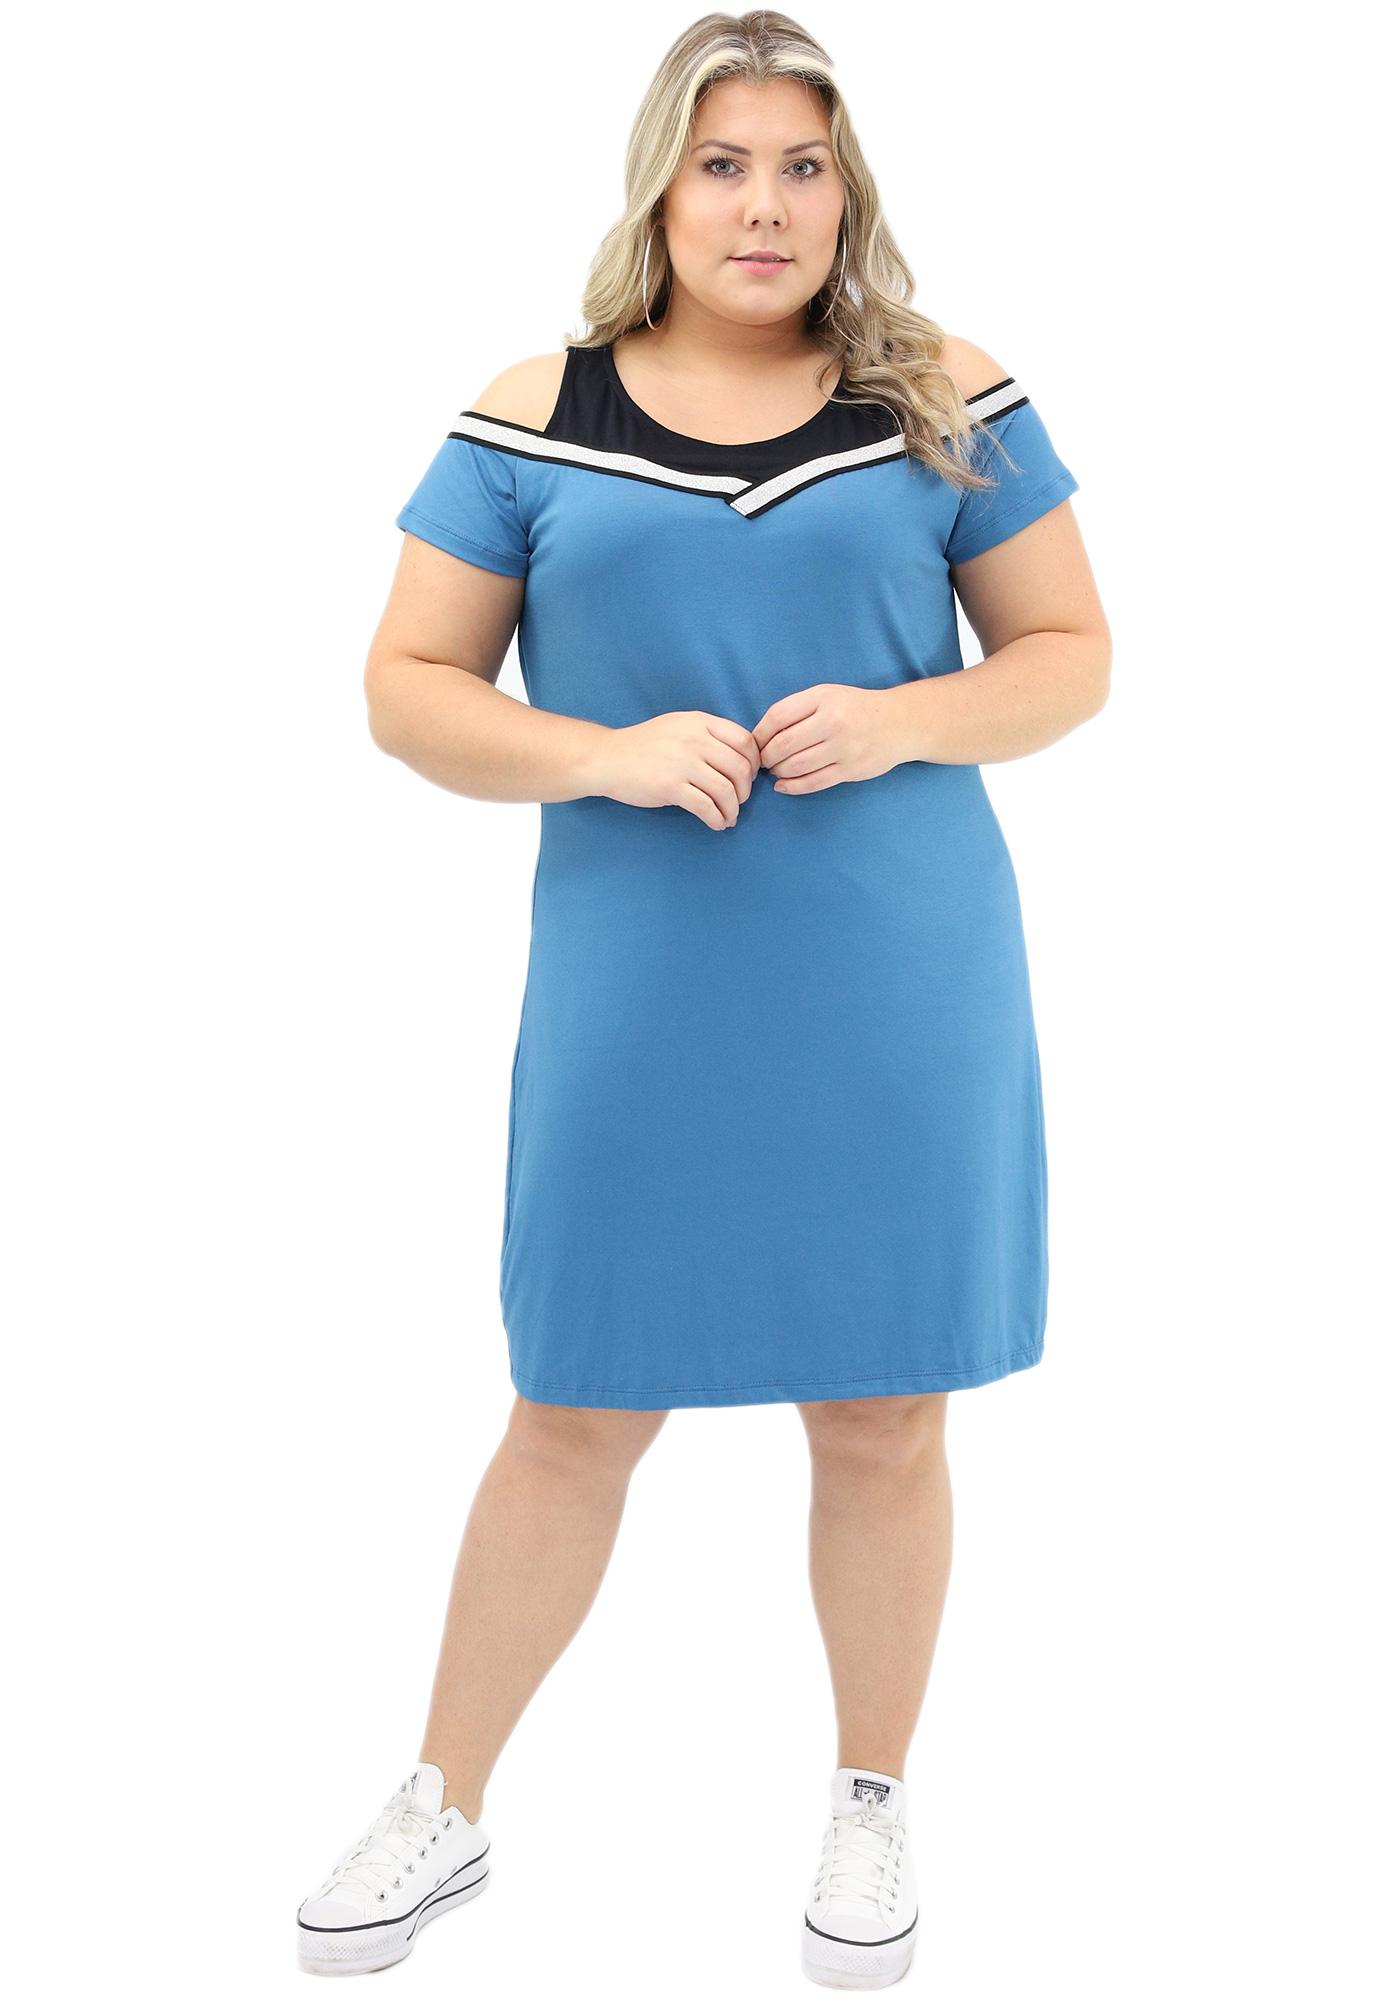 Vestido Lepoque Plus Size Visco Falsa Sobreposição  (Azul Jeans)